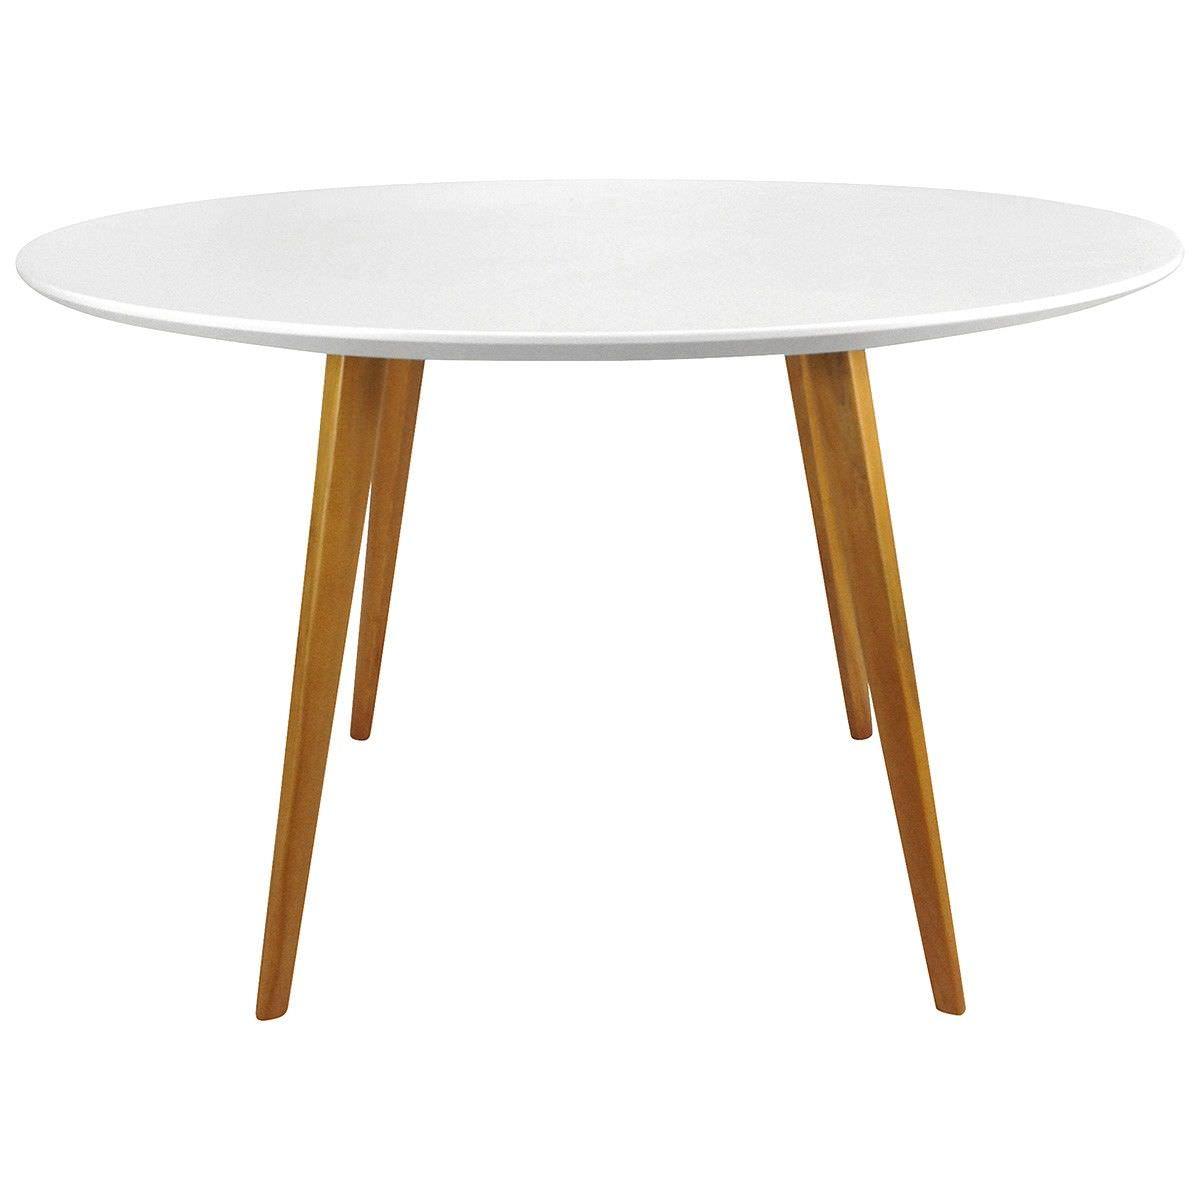 Replica Mario Cellini Halo Round Dining Table, 120cm, White / Walnut